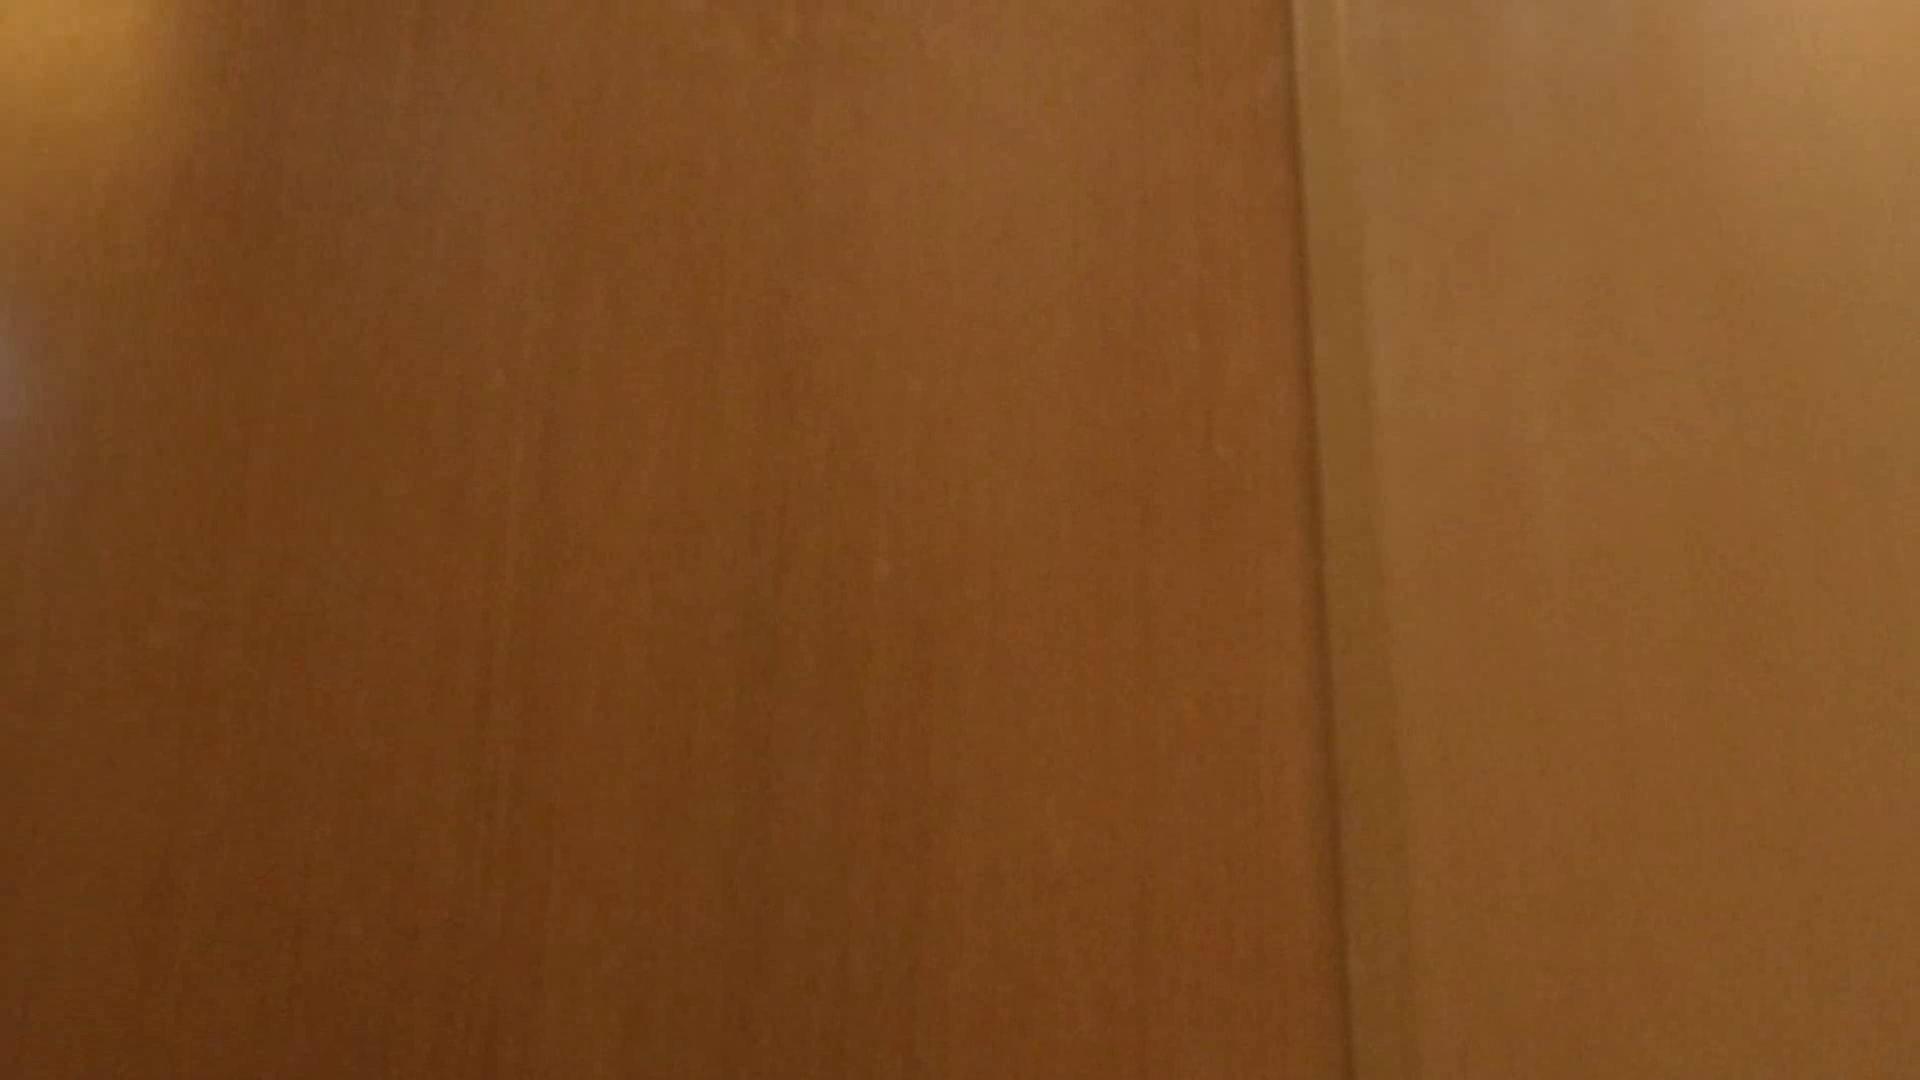 「噂」の国の厠観察日記2 Vol.02 綺麗なOLたち | 厠  96枚 94